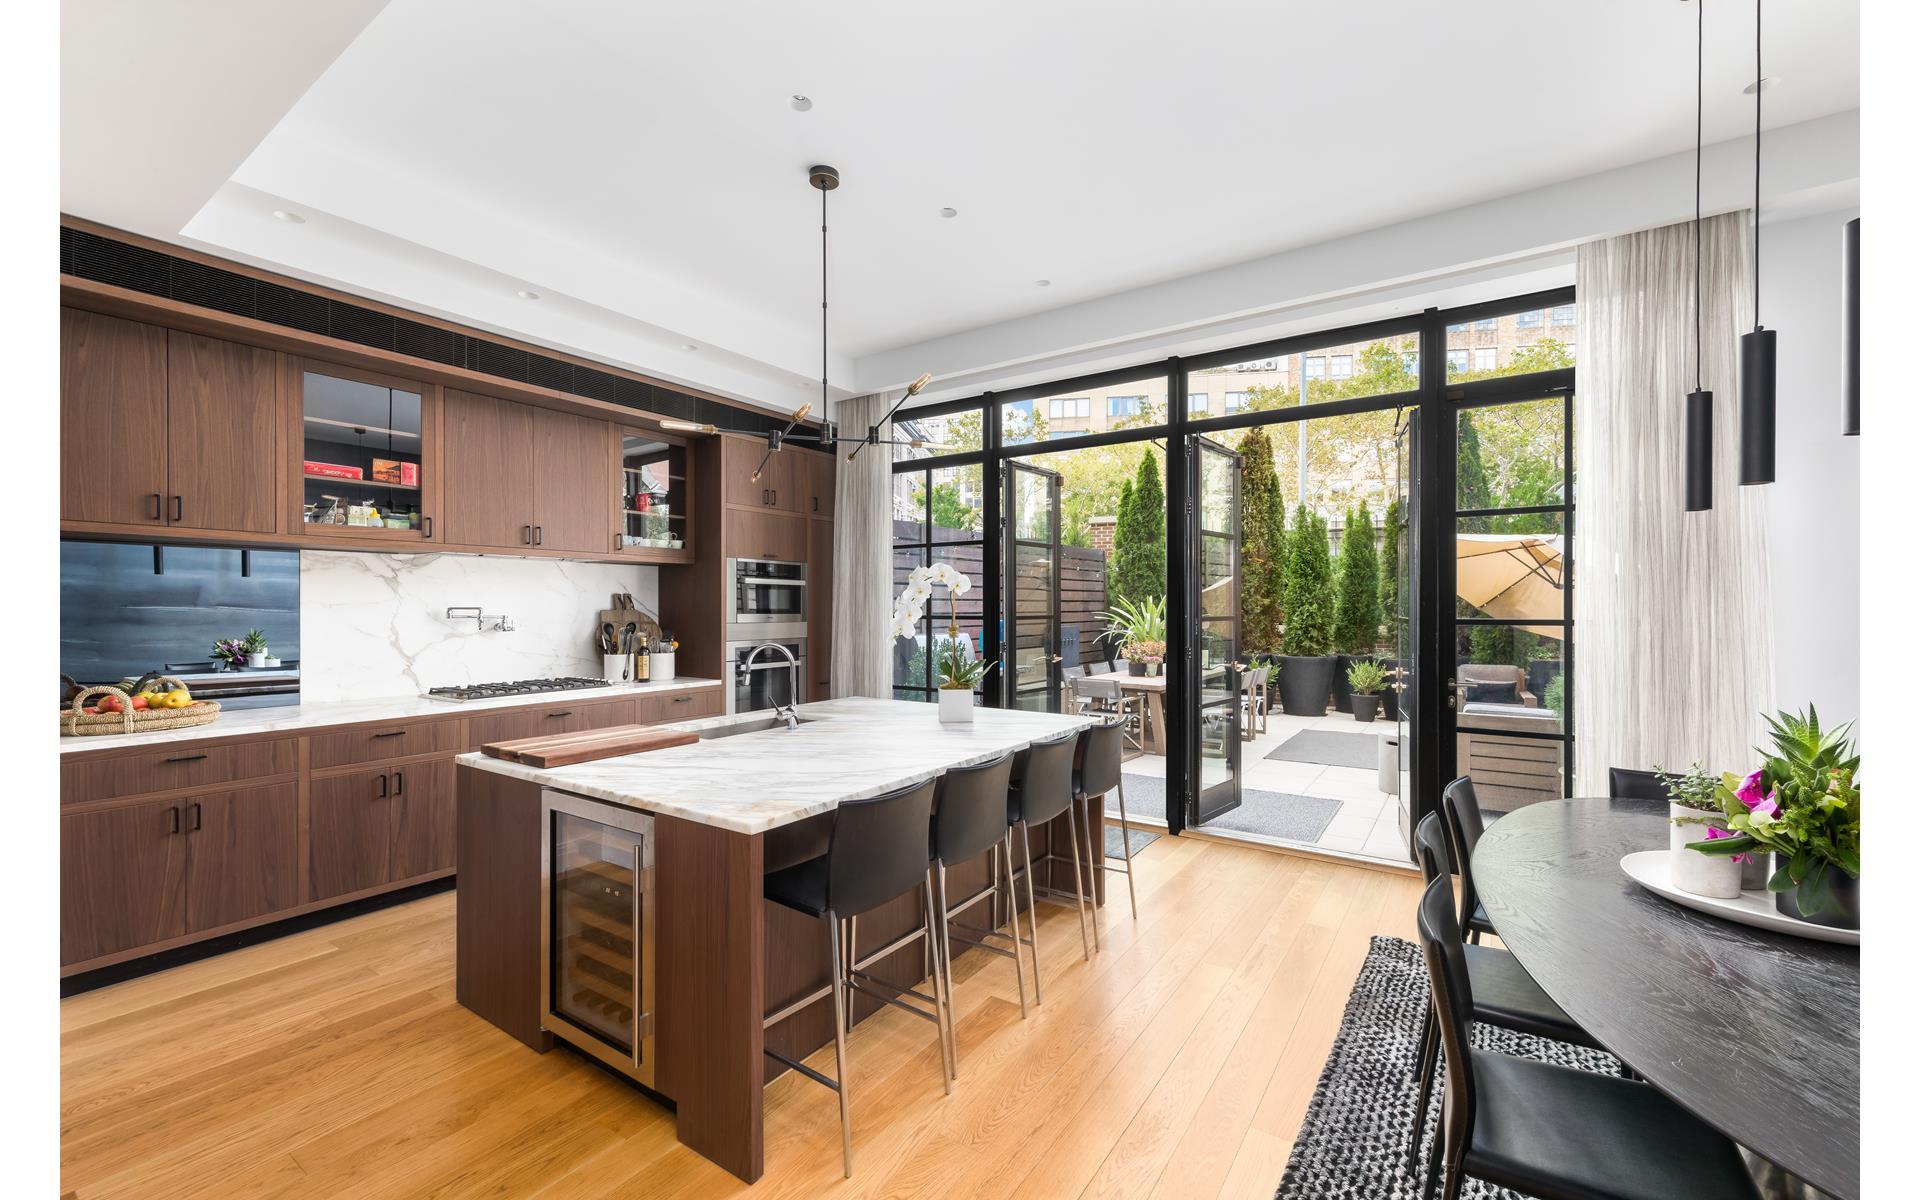 кухня кухонный остров барные стулья винный шкаф выход на террасу сварные стеклянные двери